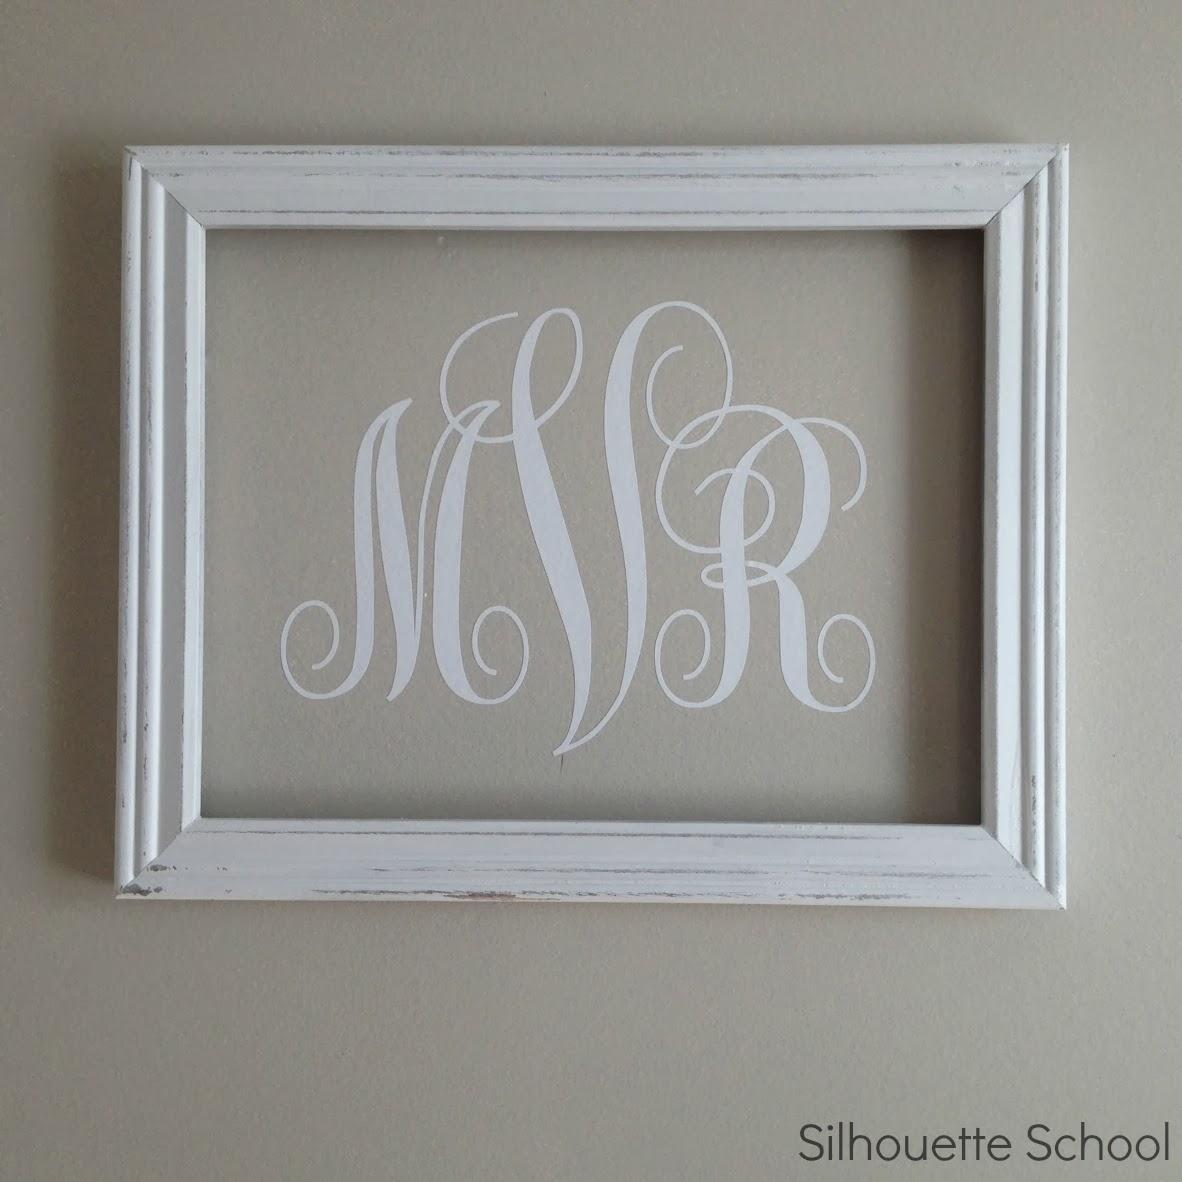 Silhouette} Vinyl Monogram Wall Art – Silhouette School For Framed Monogram Wall Art (Image 11 of 20)